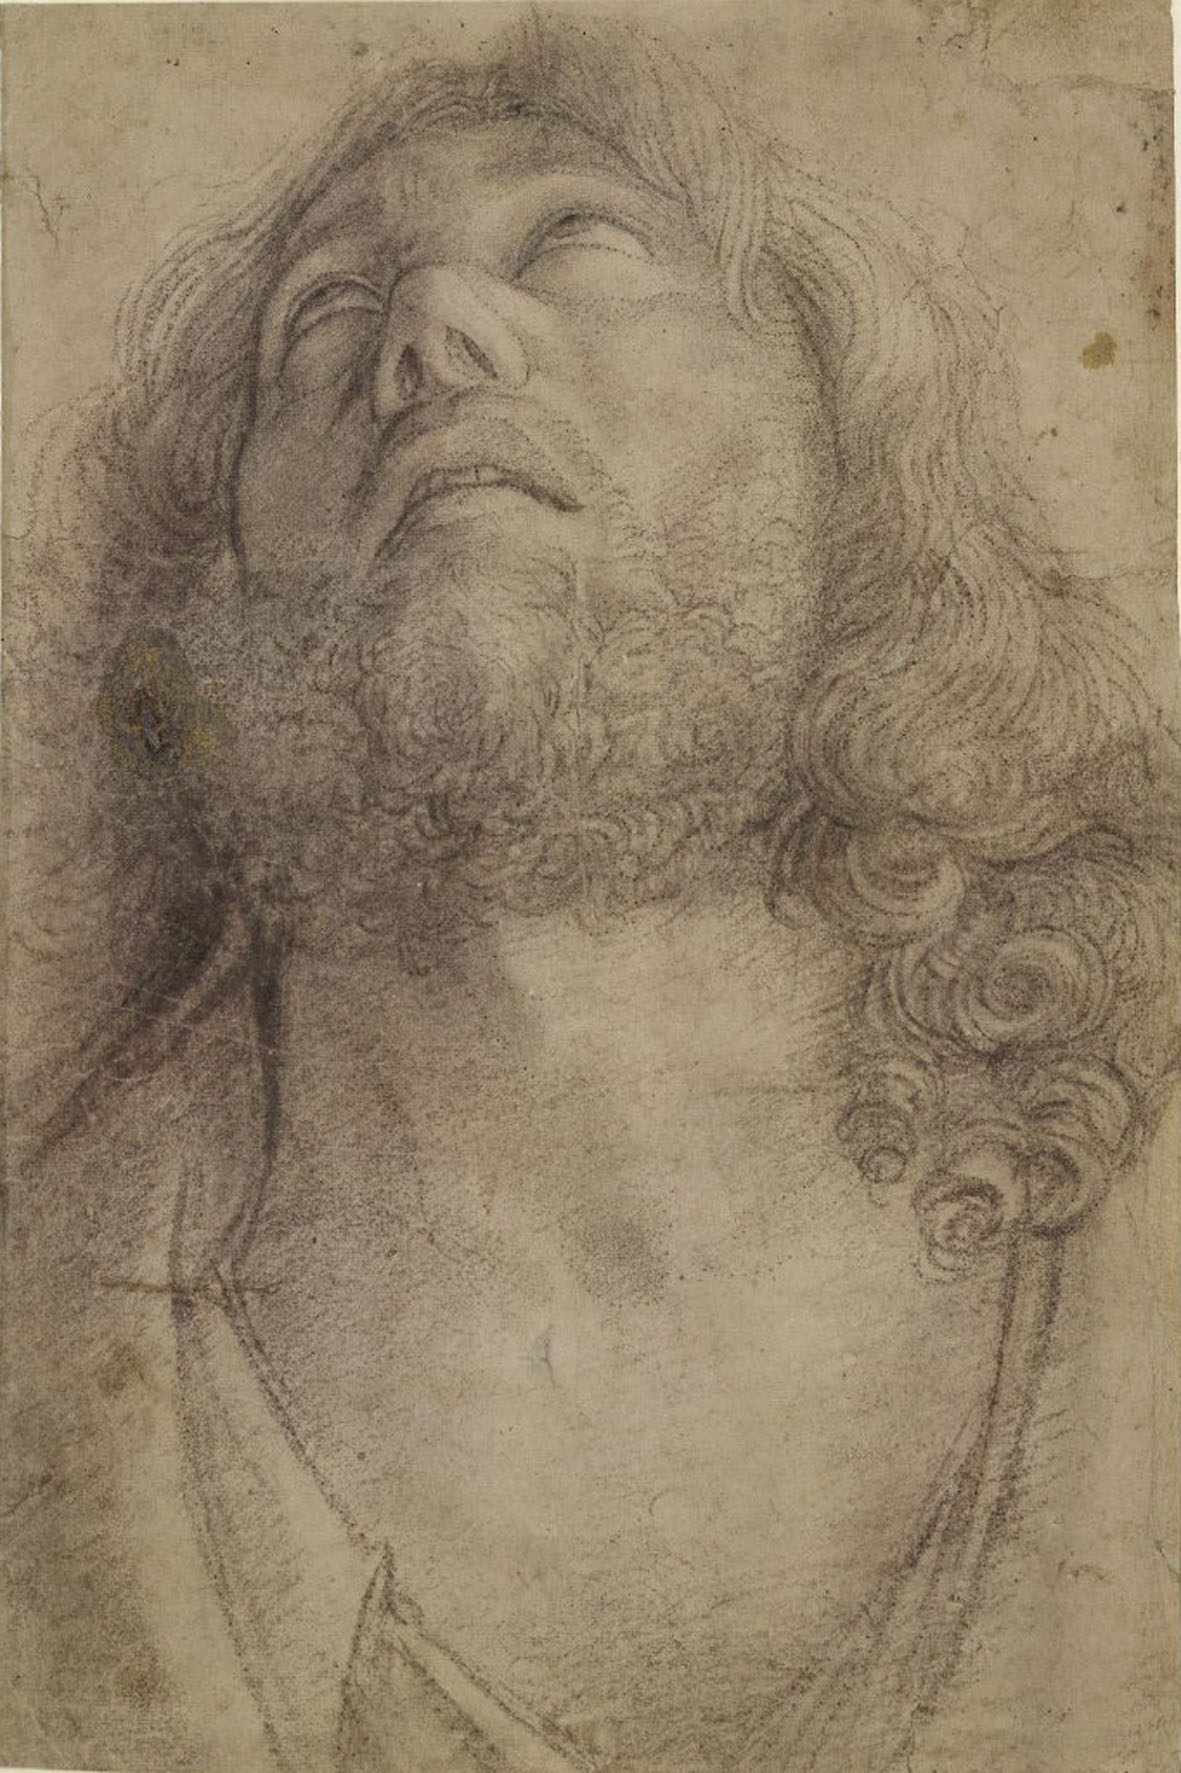 Giovanni Bellini, Testa di un uomo che guarda verso l'alto, con i capelli lunghi e barba, 1450-1516 - British Museum, Londra